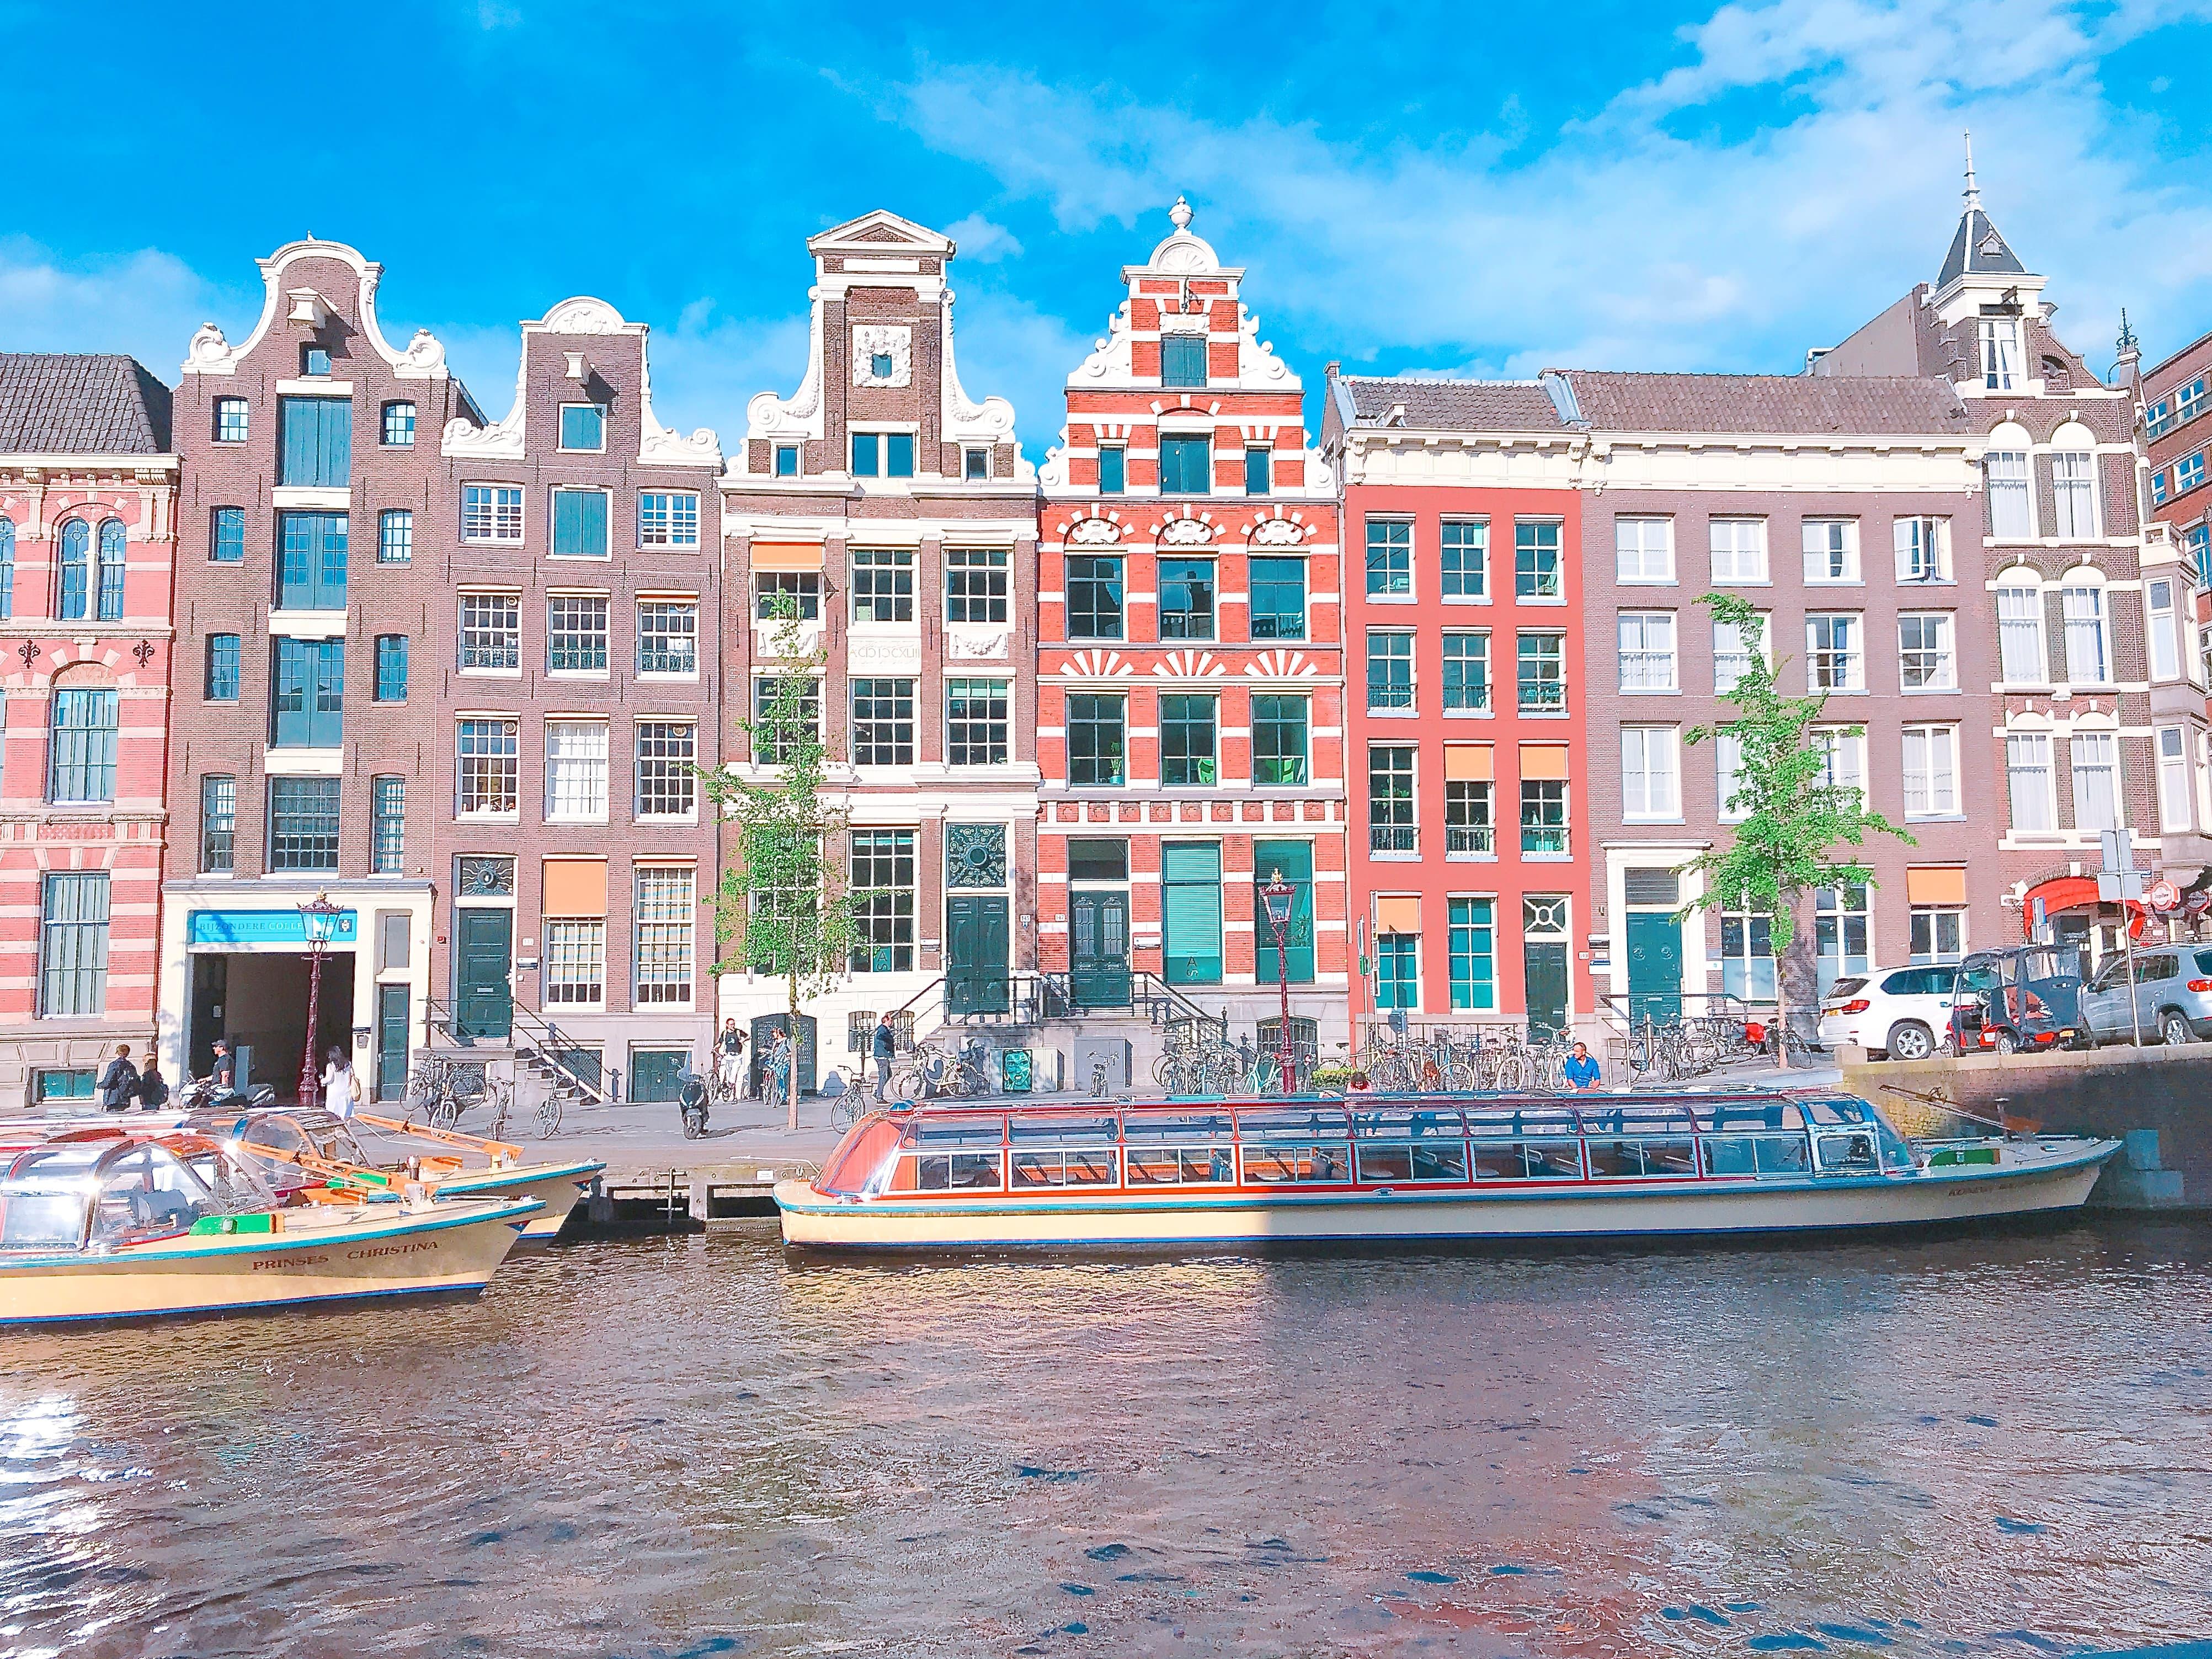 オランダ アムステルダムらしい町並み